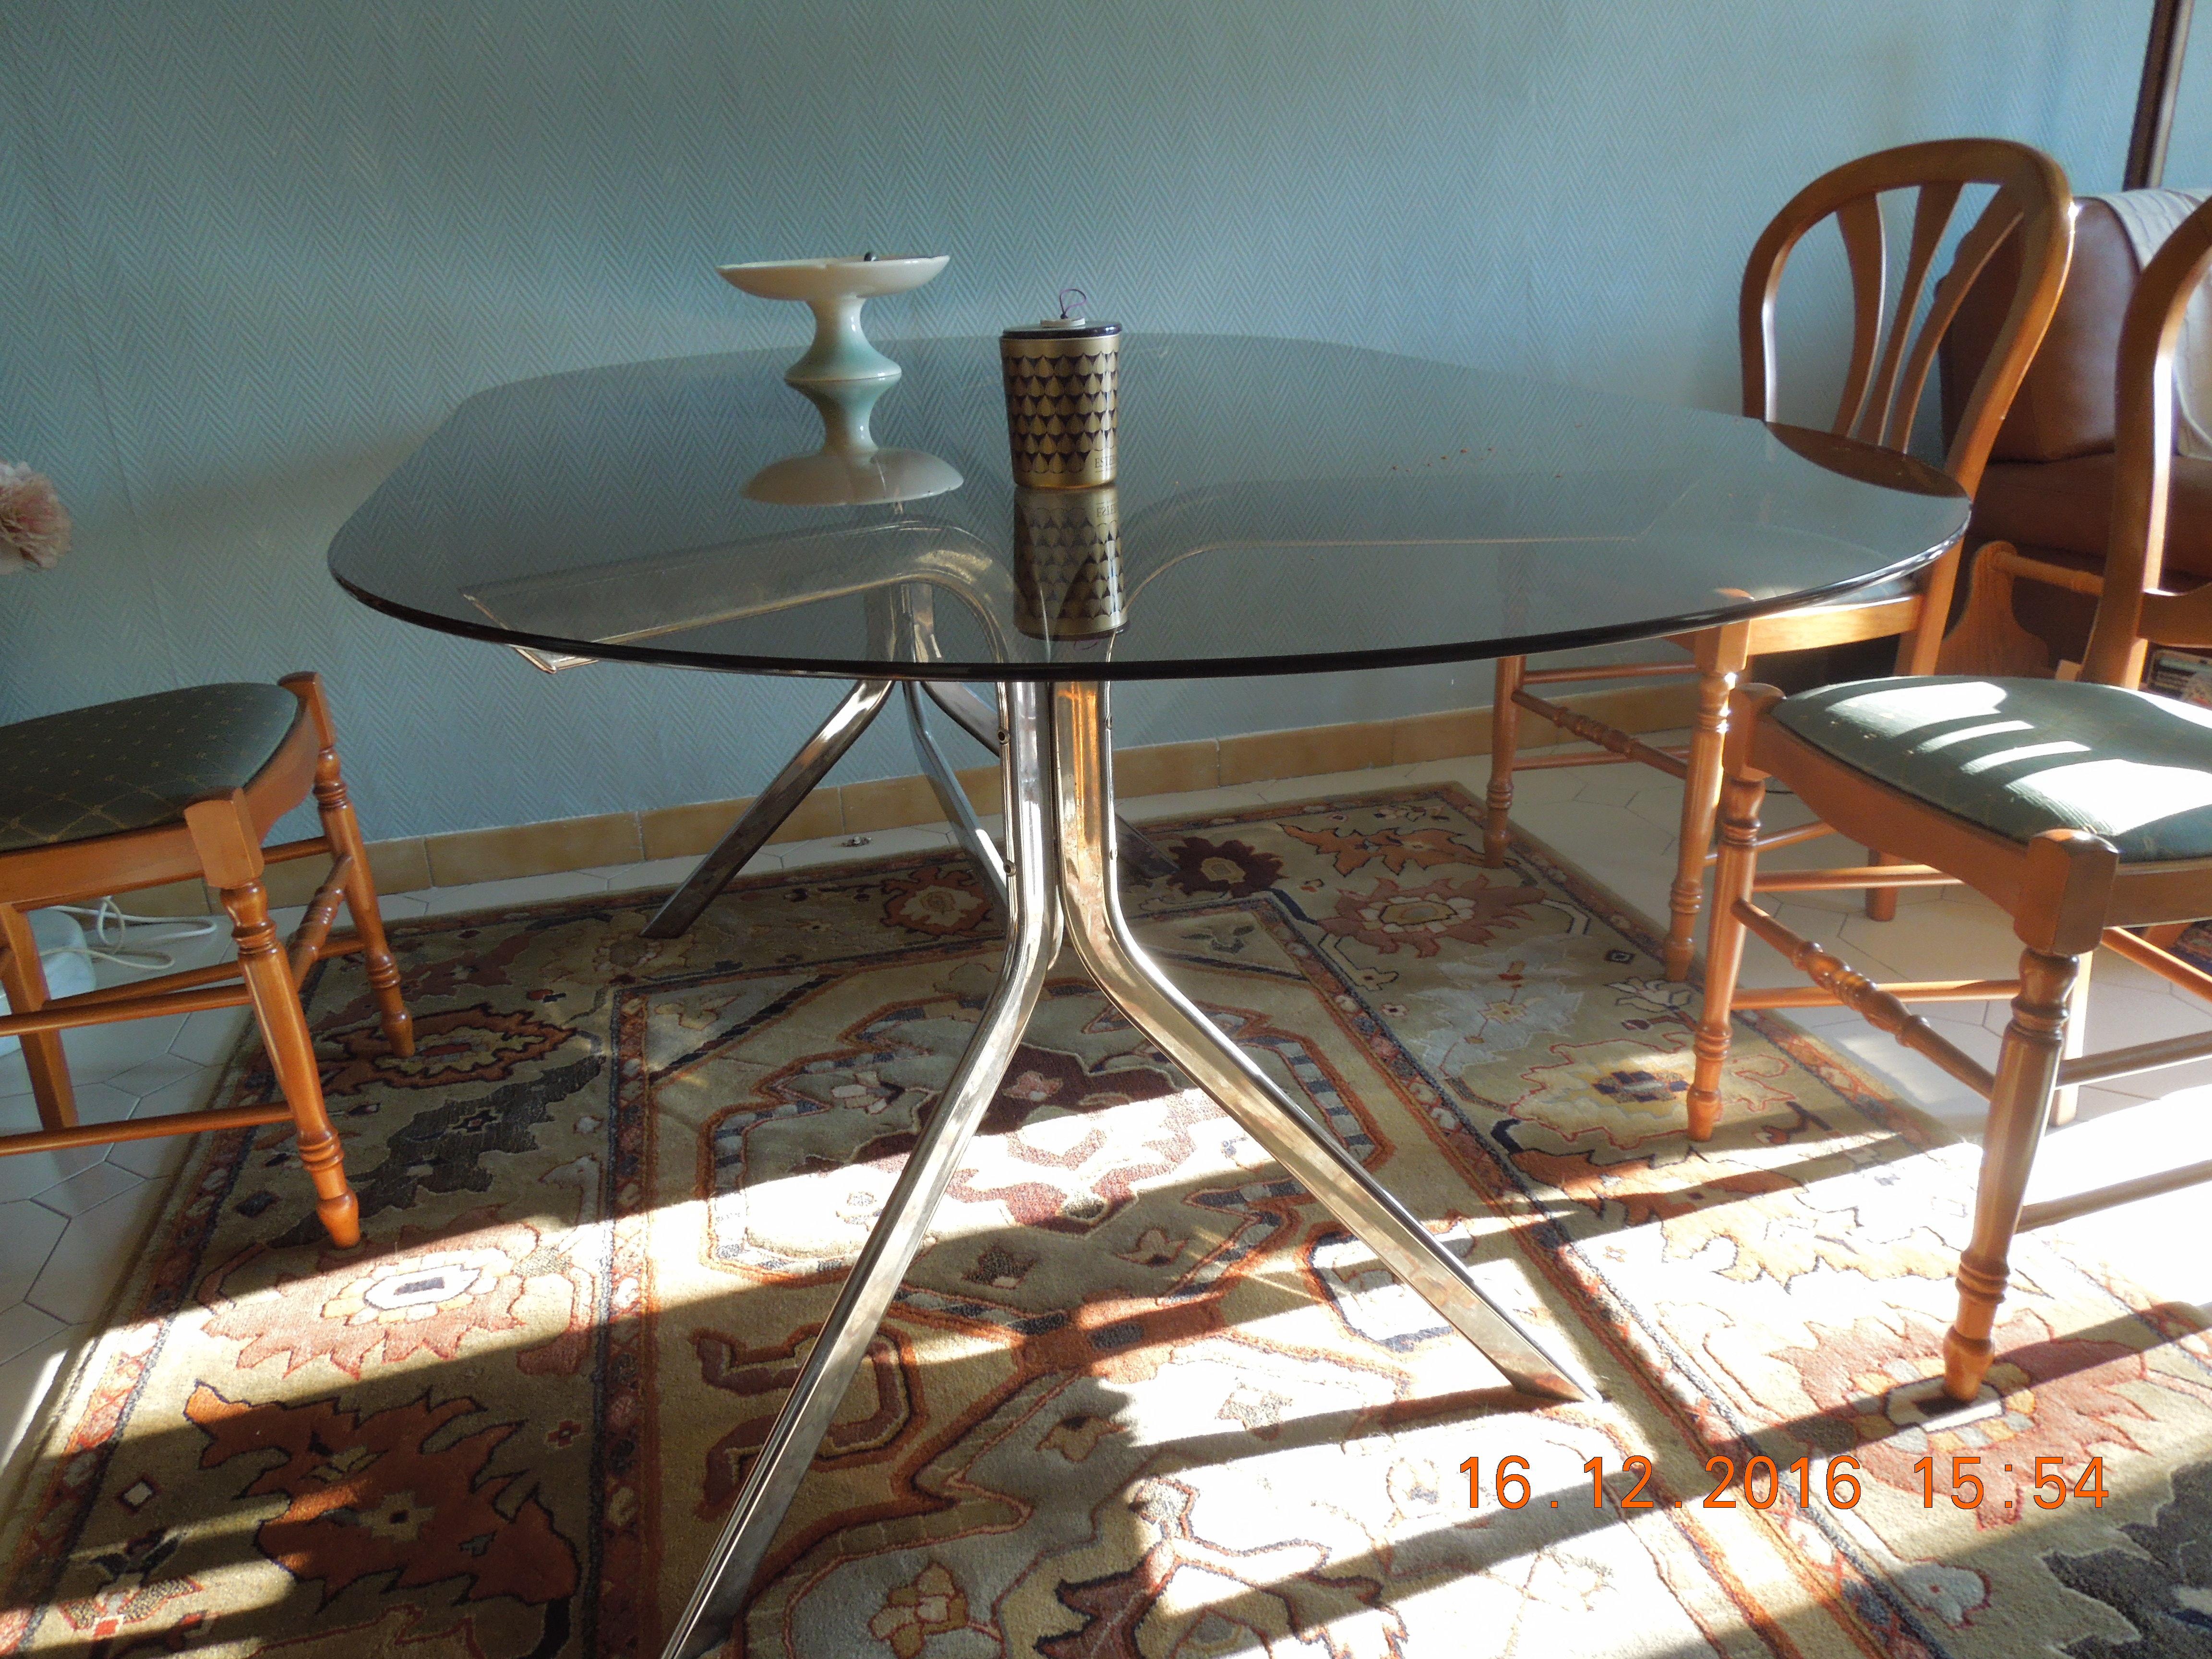 Salles manger occasion la rochelle 17 annonces achat et vente de salles manger - La table basque la rochelle ...